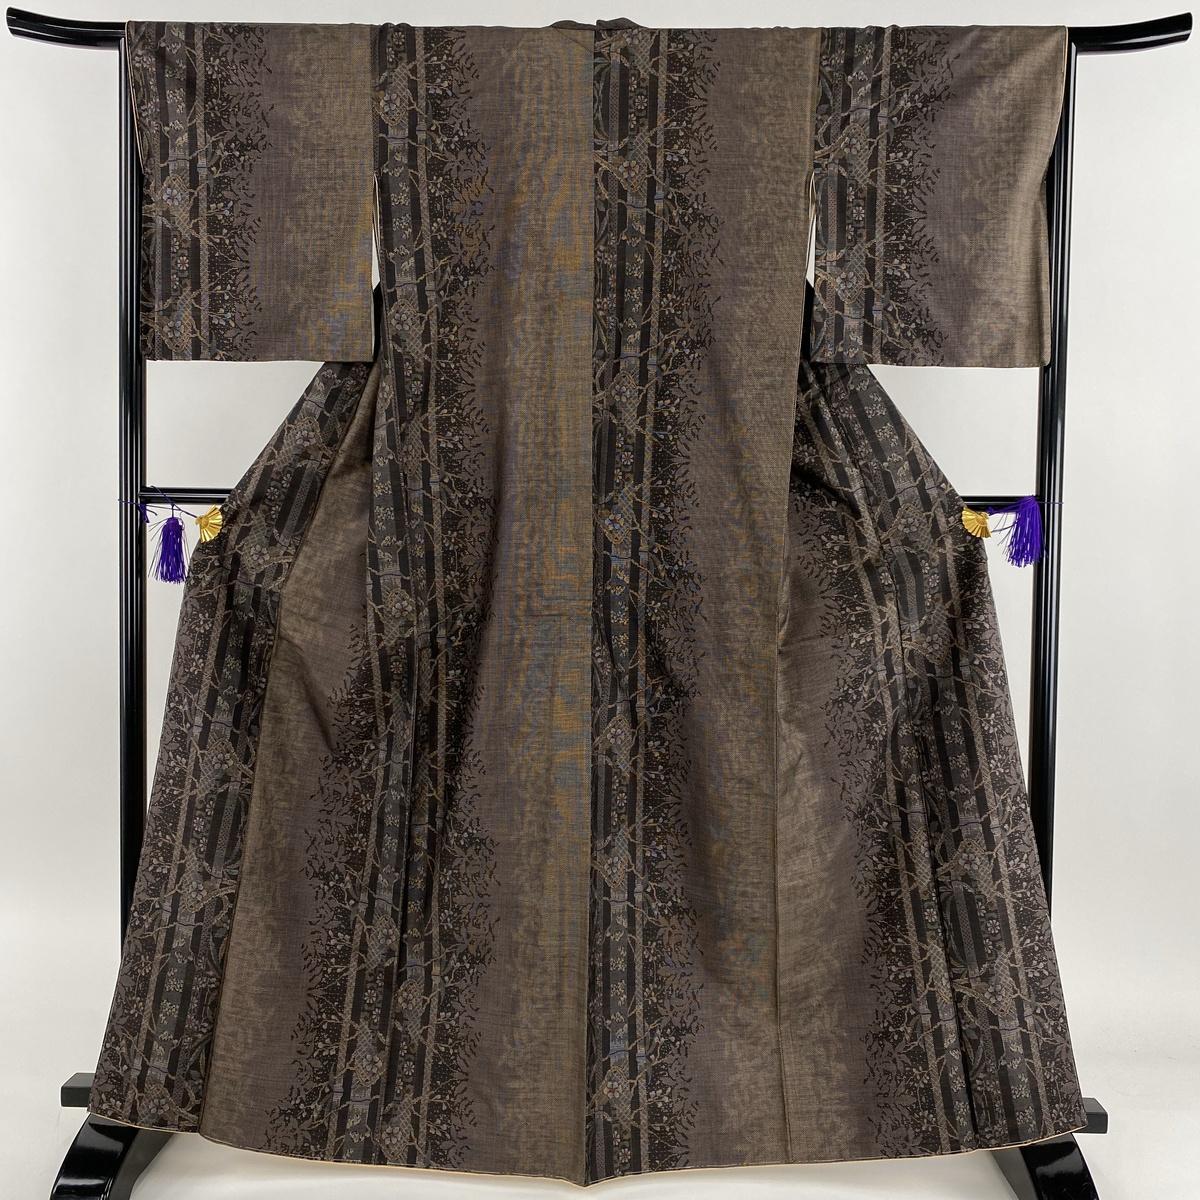 大島紬 美品 名品 草花 縦縞 カタス式 茶紫 袷 身丈165cm 裄丈66cm M 正絹 【中古】